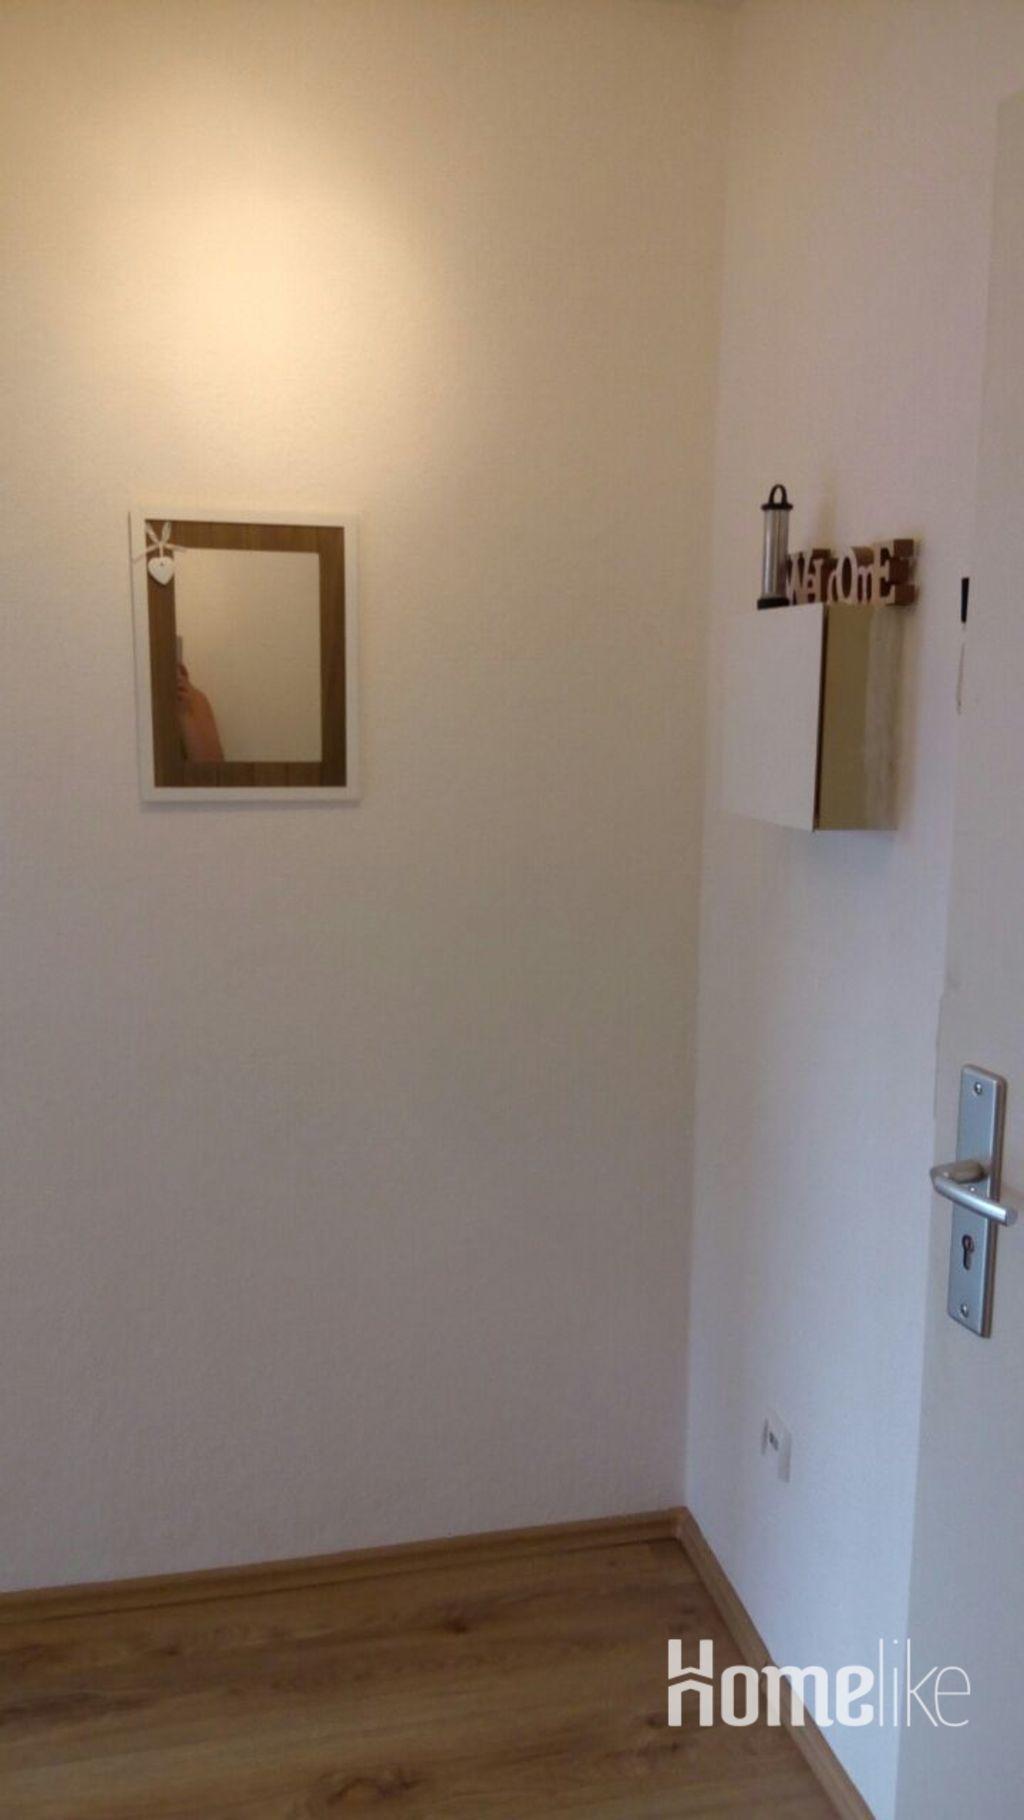 image 2 furnished 1 bedroom Apartment for rent in Dortmund, Dortmund